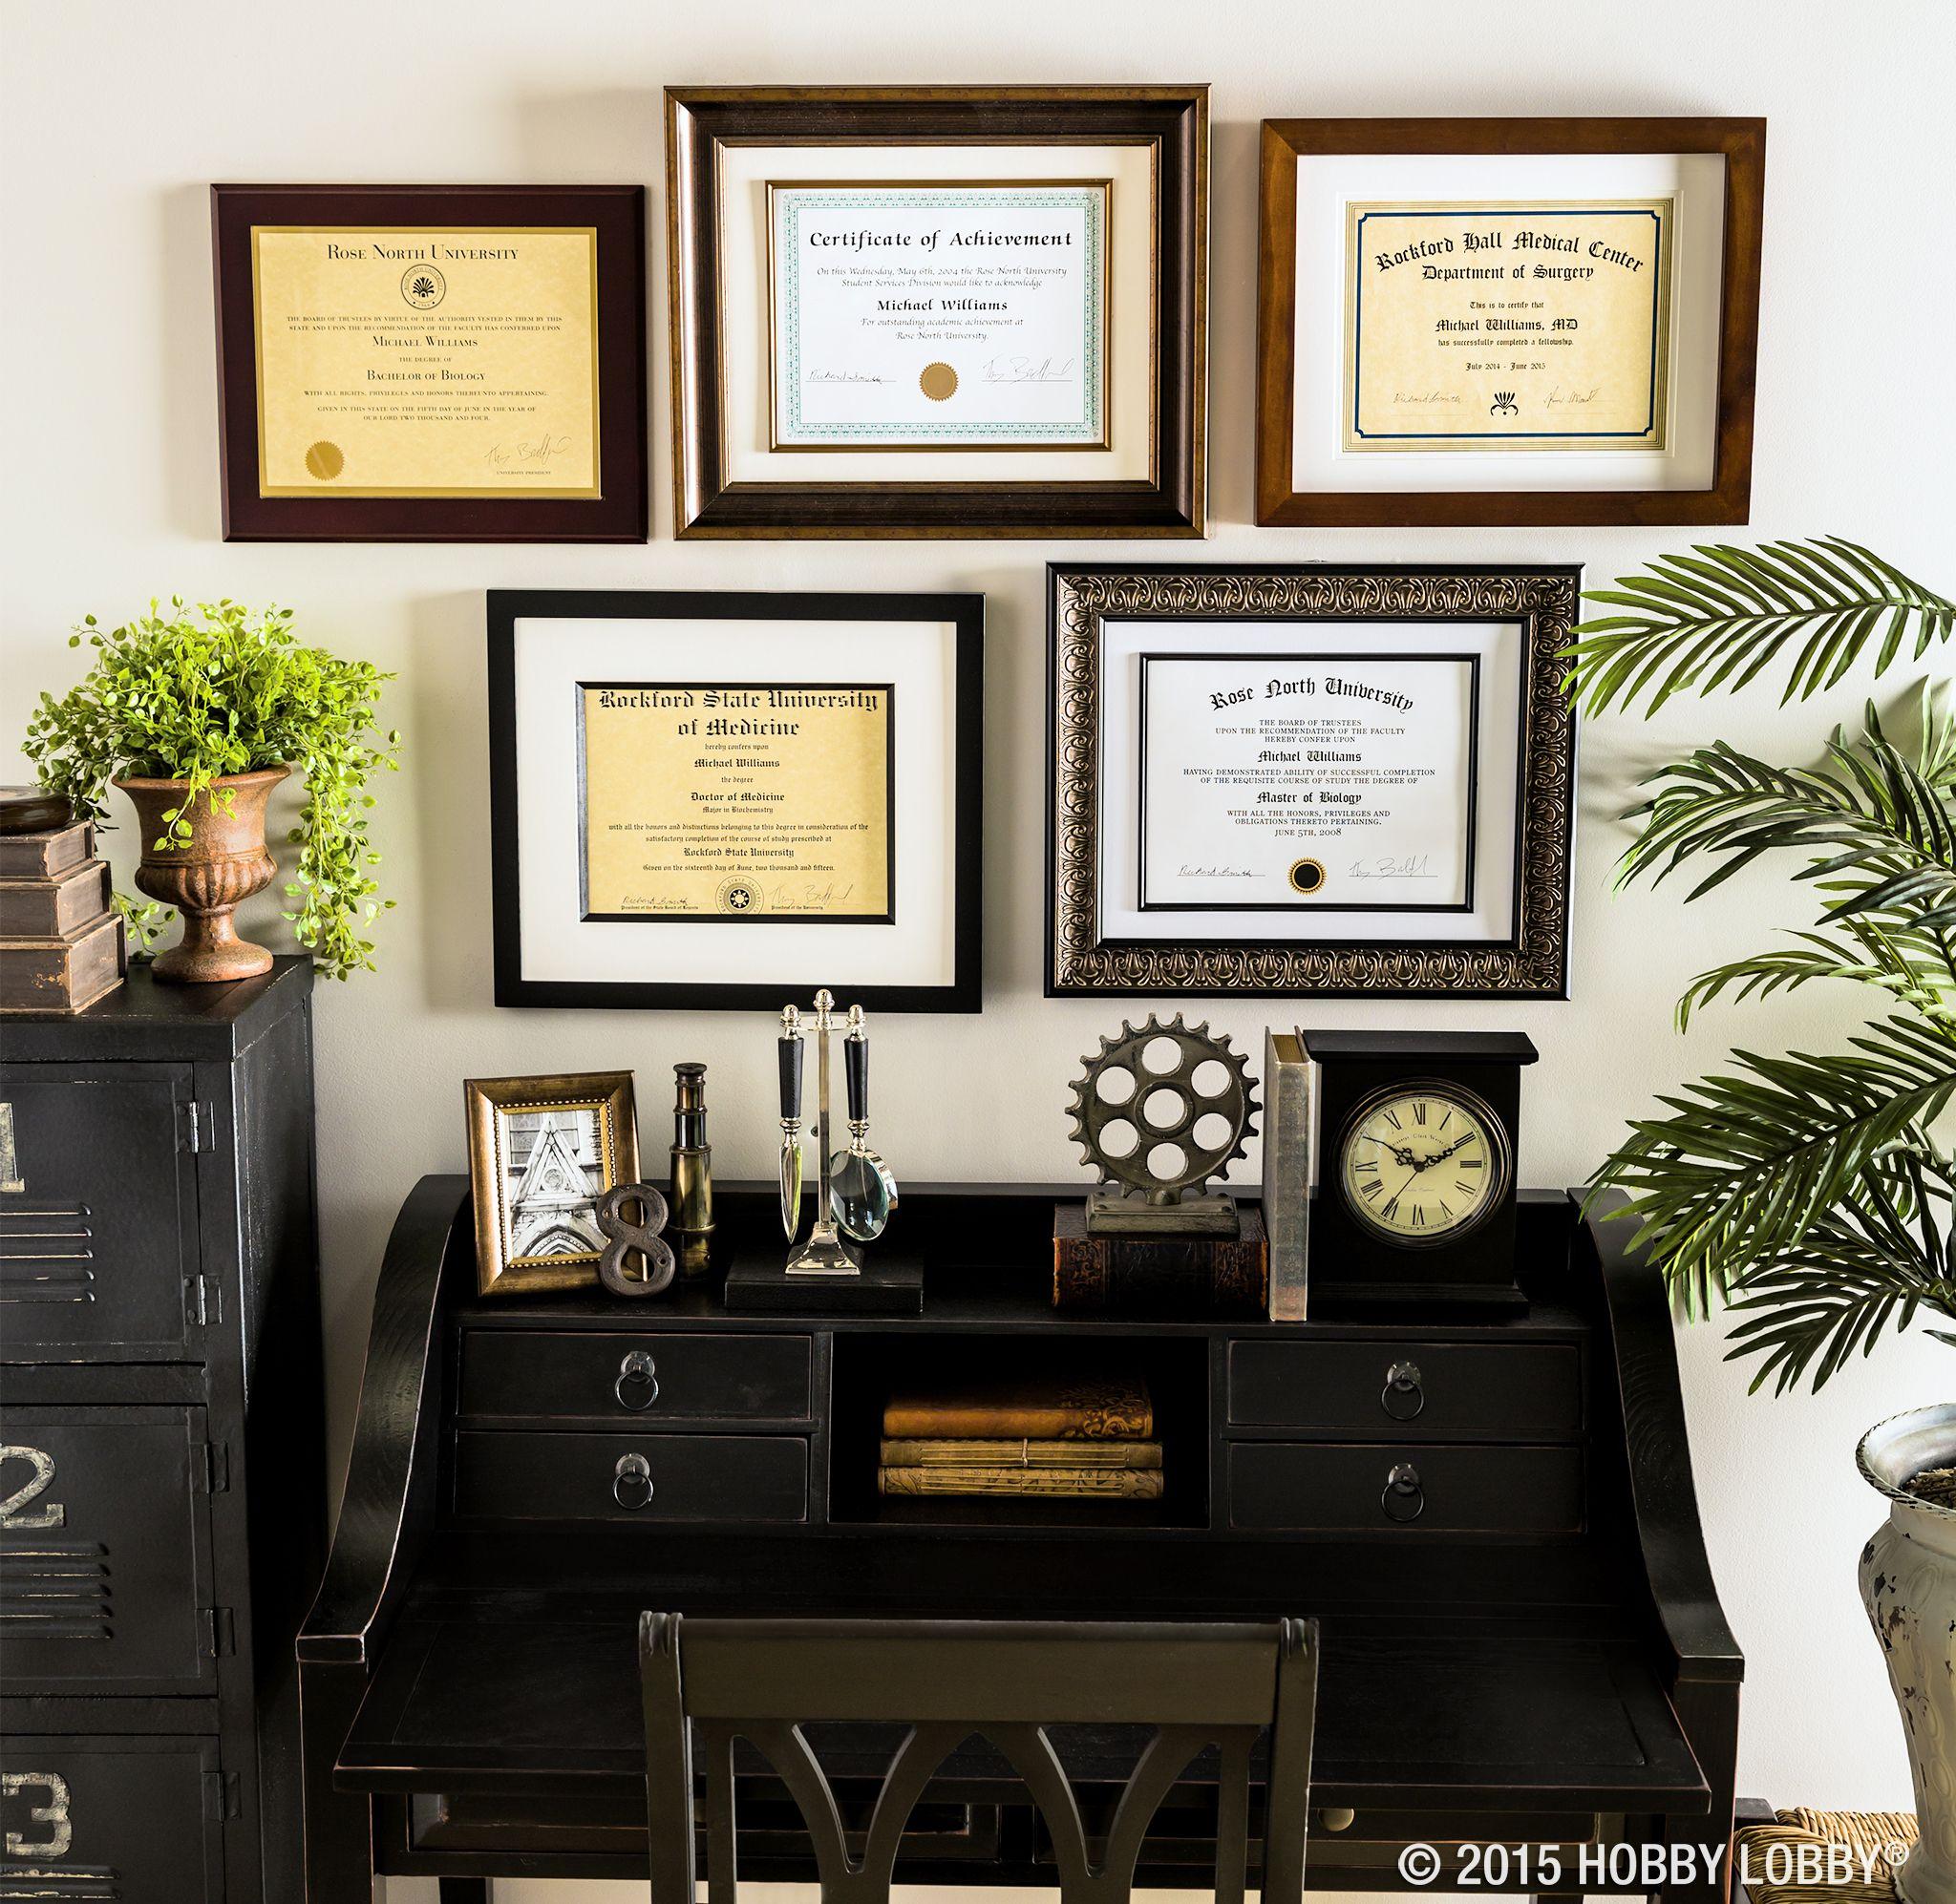 Design qualifications